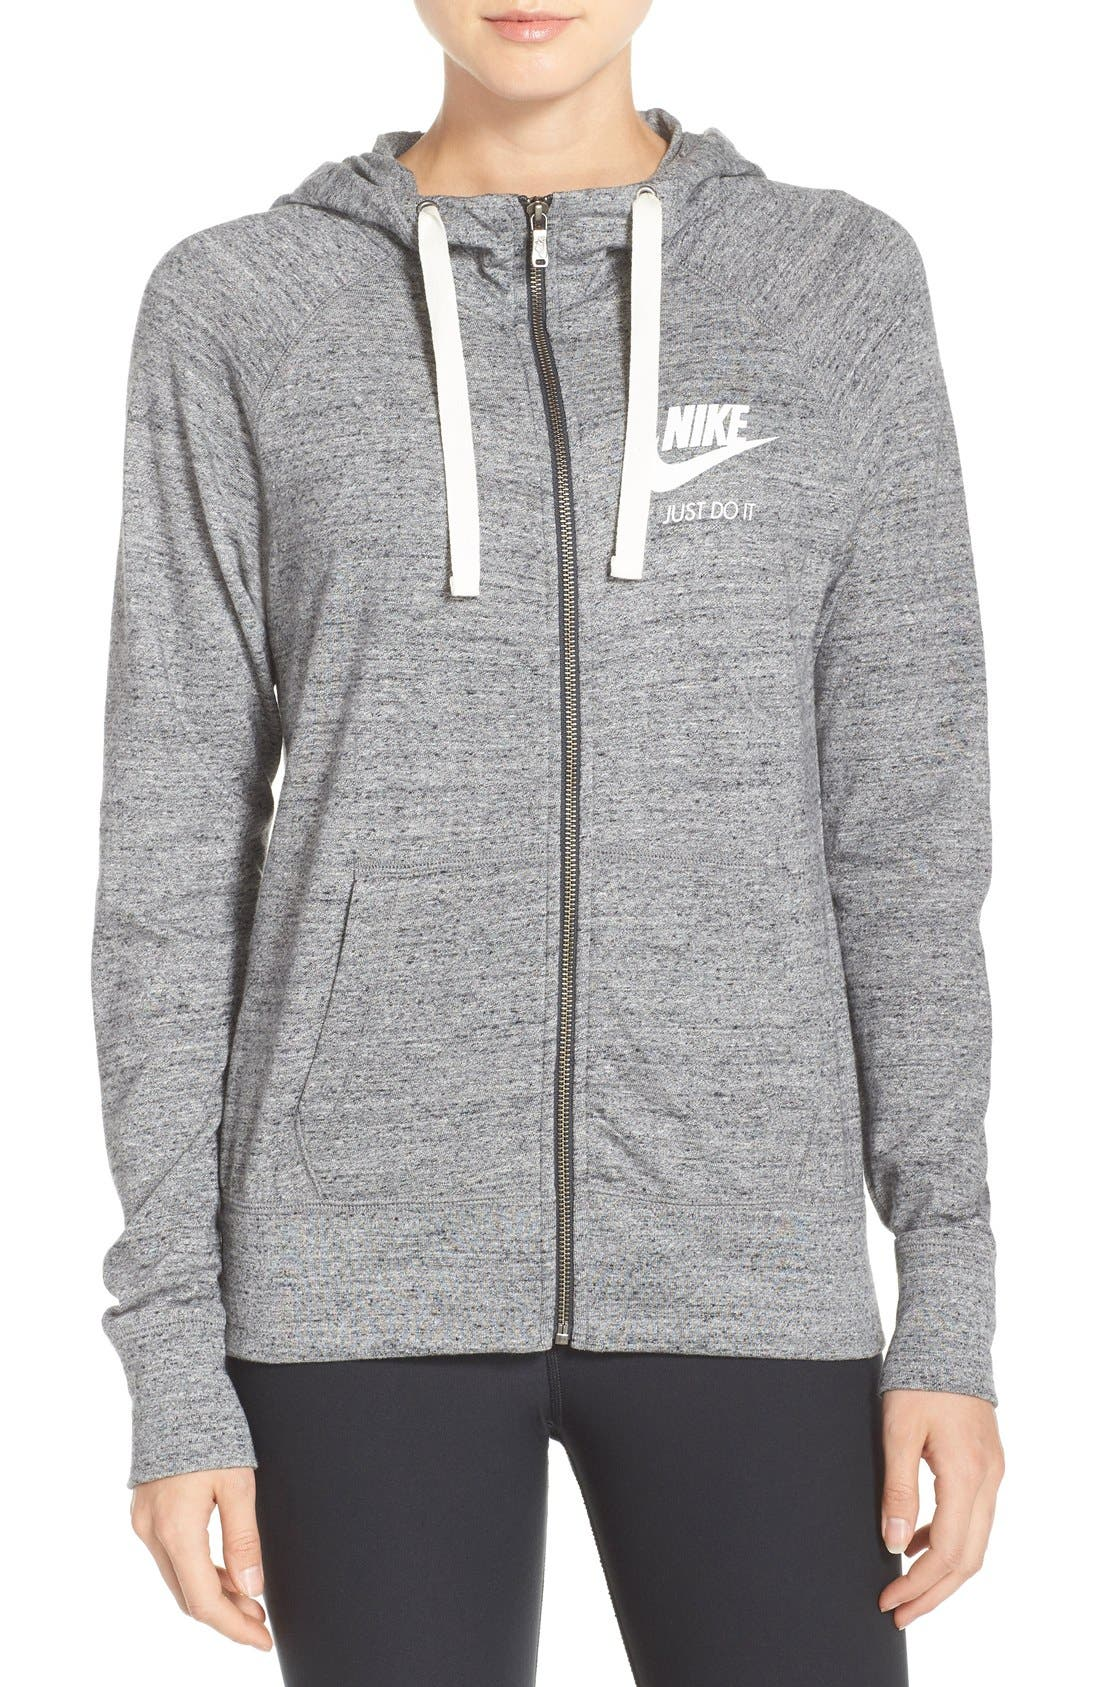 Nike epic jacket - Nike Epic Jacket 42